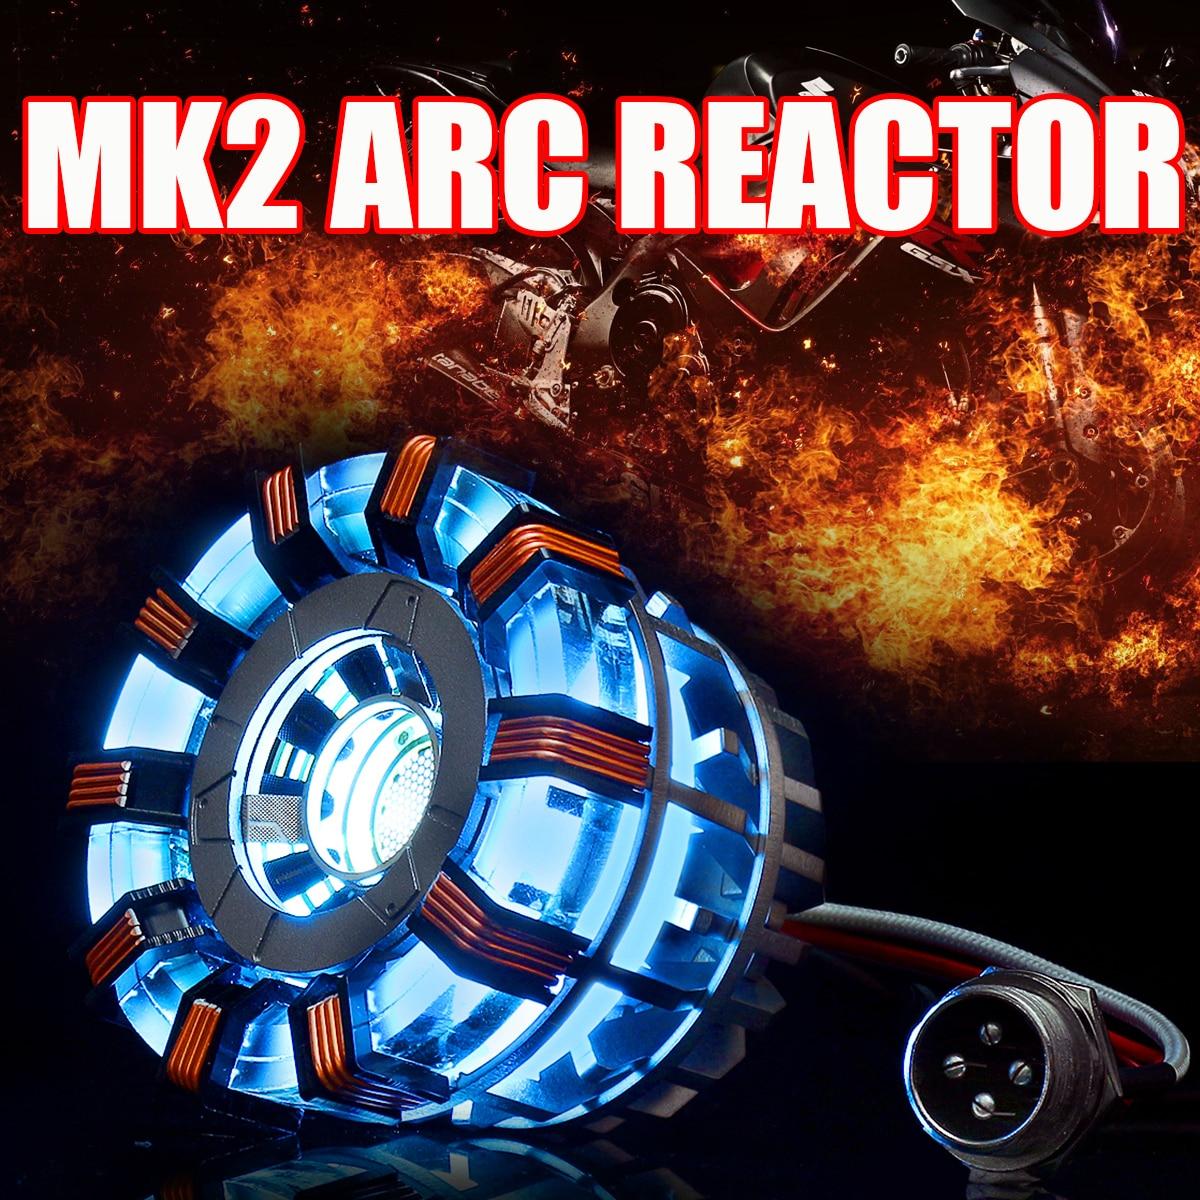 MK2 acrylique Tony 1:1 Arc pour réacteur bricolage modèle Kit LED lampe de poitrine USB film accessoires cadeaux Science jouet